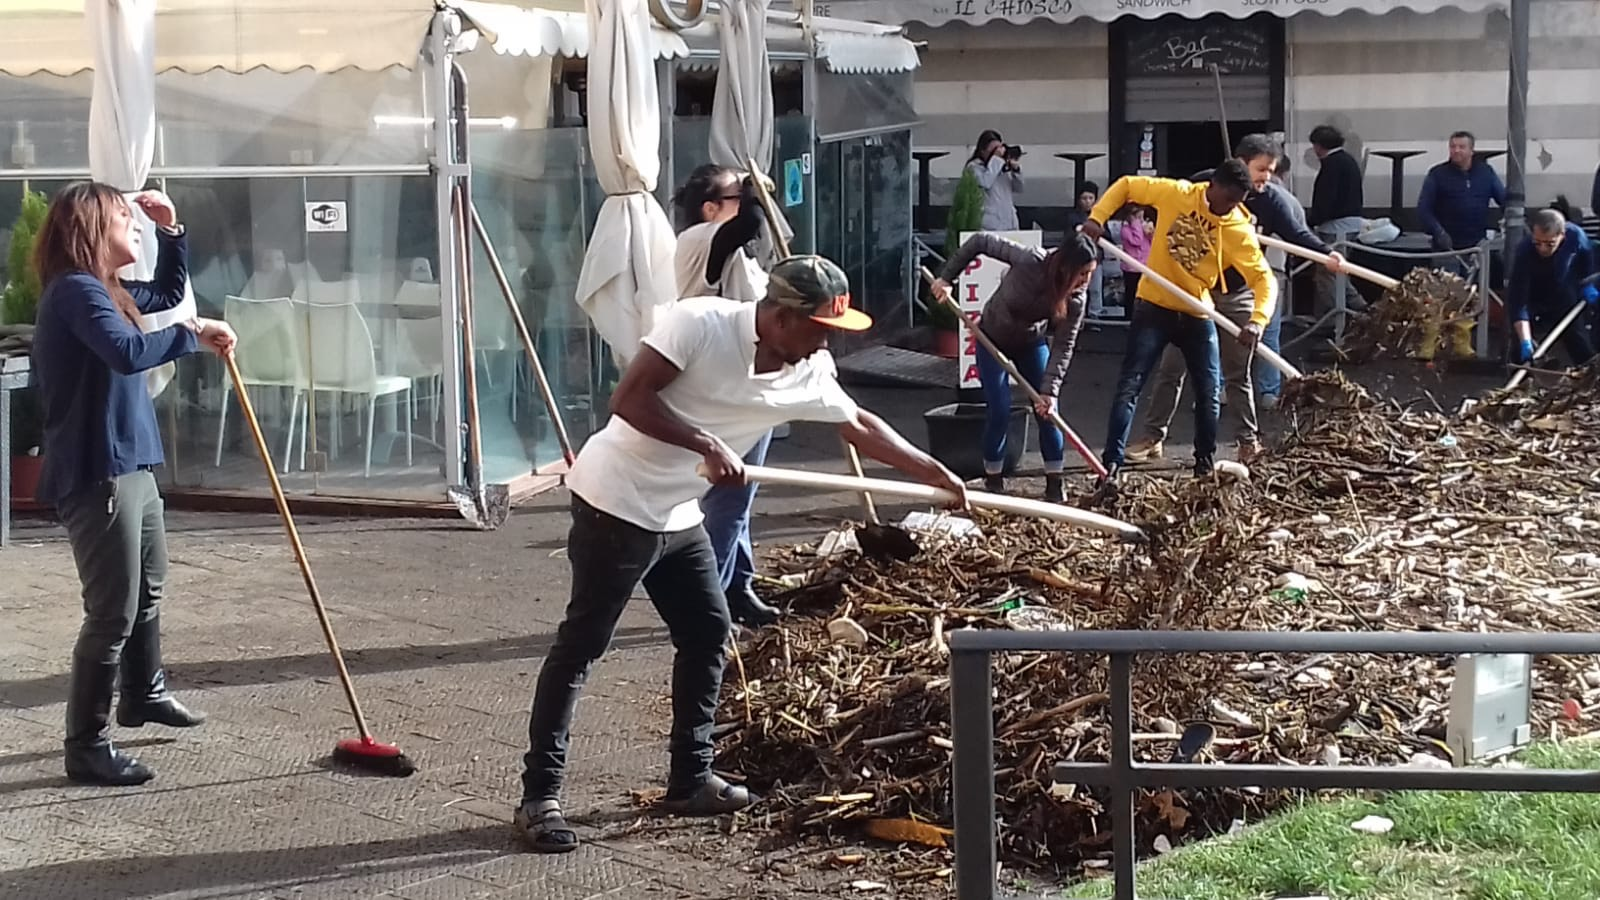 Richiedenti asilo ospiti del Centro di Accoglienza della Diocesi di Chiavari ad aiutare dopo la mareggiata a Rapallo 01